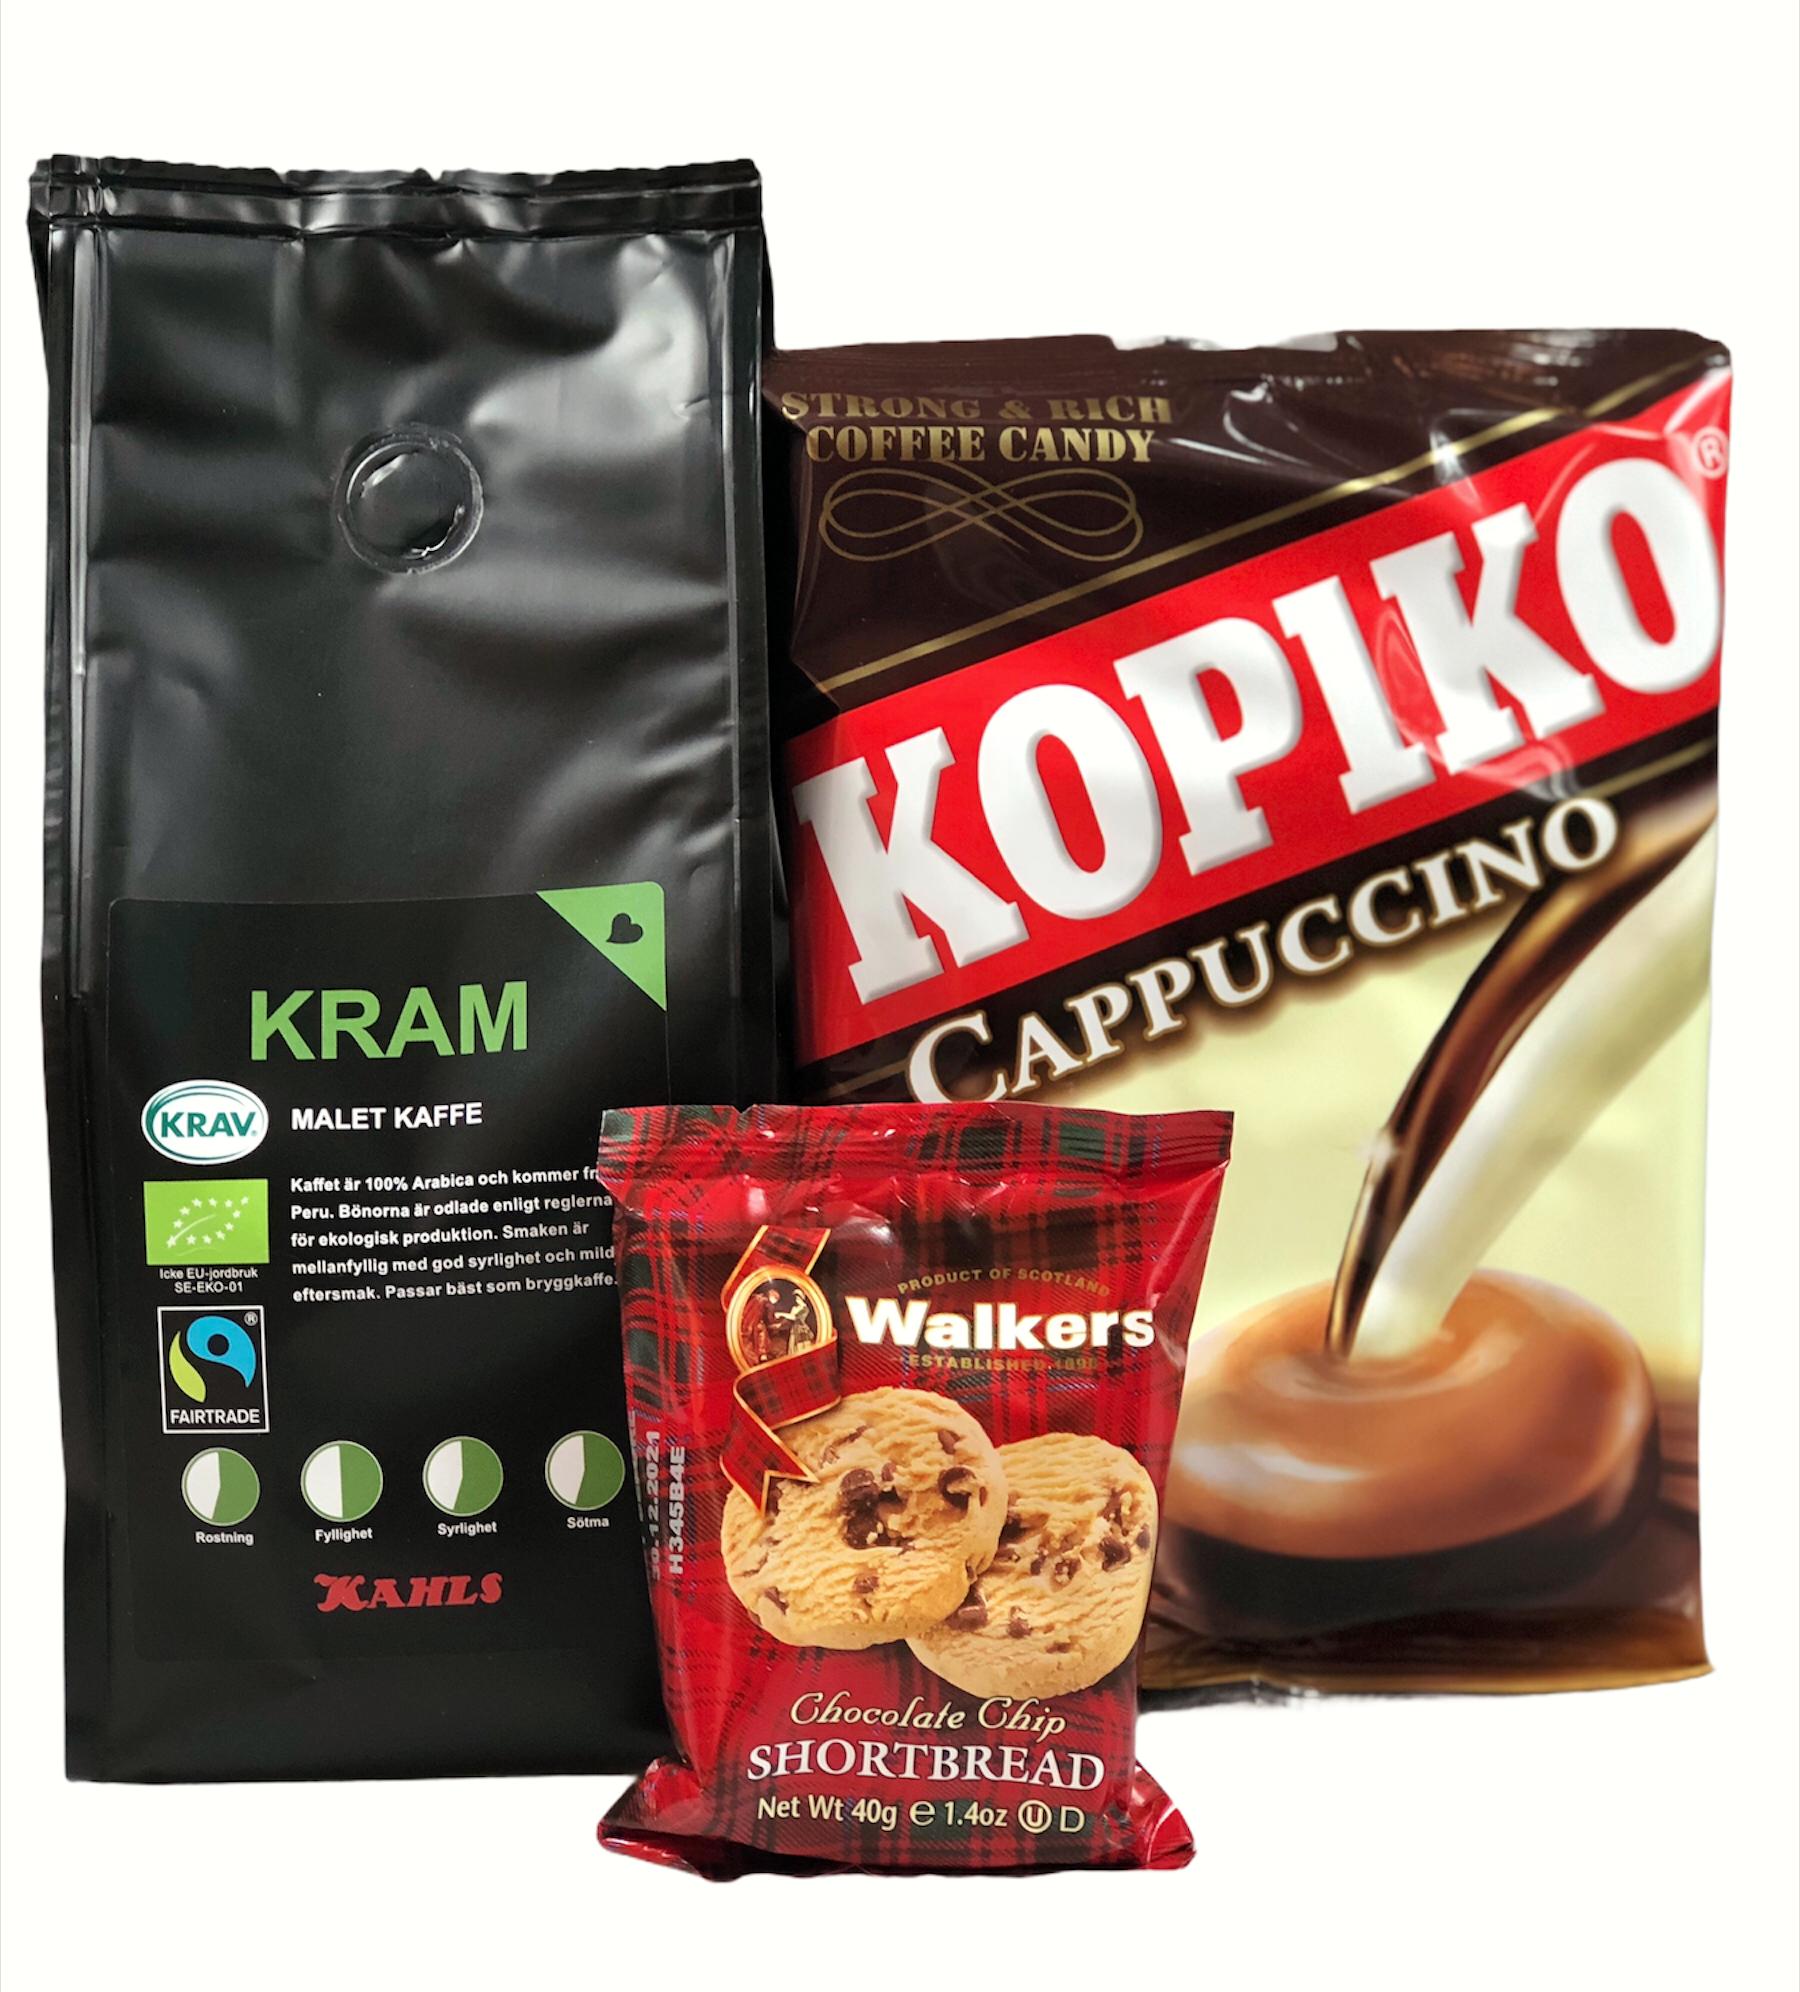 Kaffepaket för kaffeälskaren!